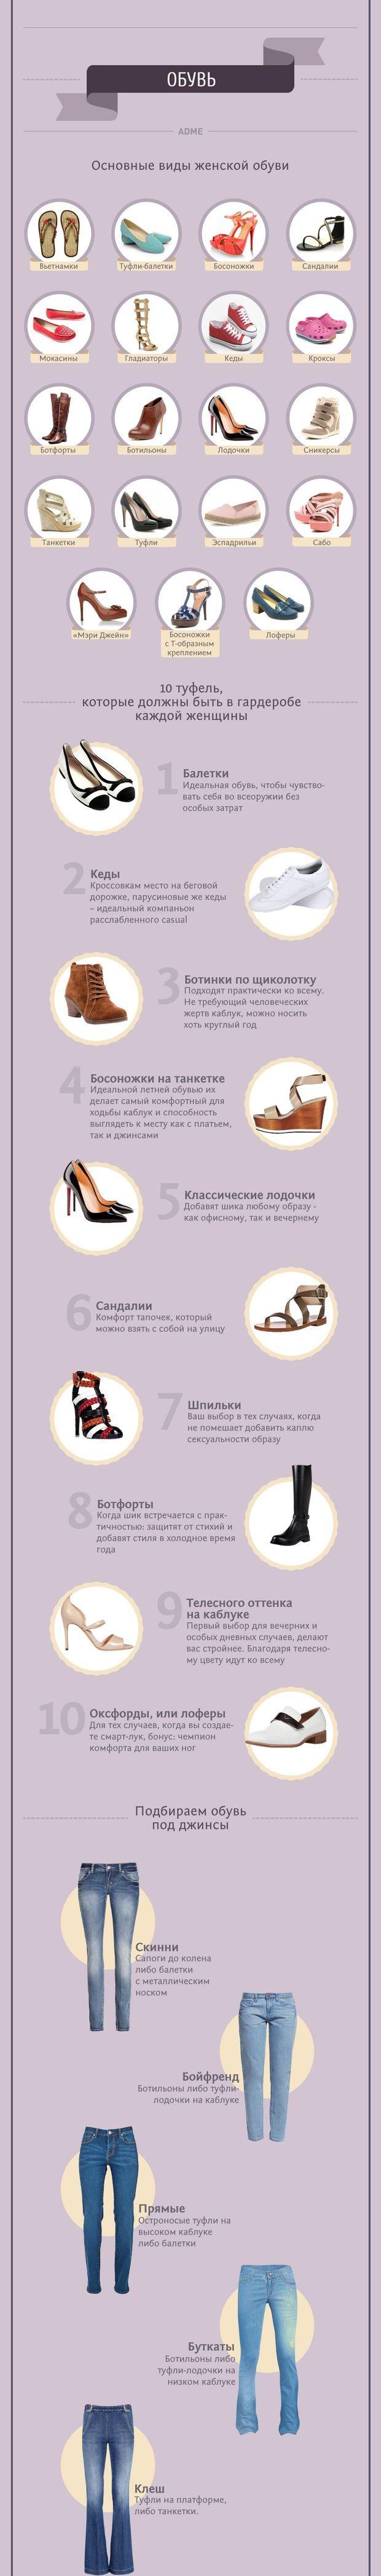 Каждая девушка мечтает выглядеть превосходно. И мы с удовольствием вам в этом поможем.Представляем вашему вниманию инфографику, в которой собраны 25 самых лучших и дельных советов для девушек на все ...